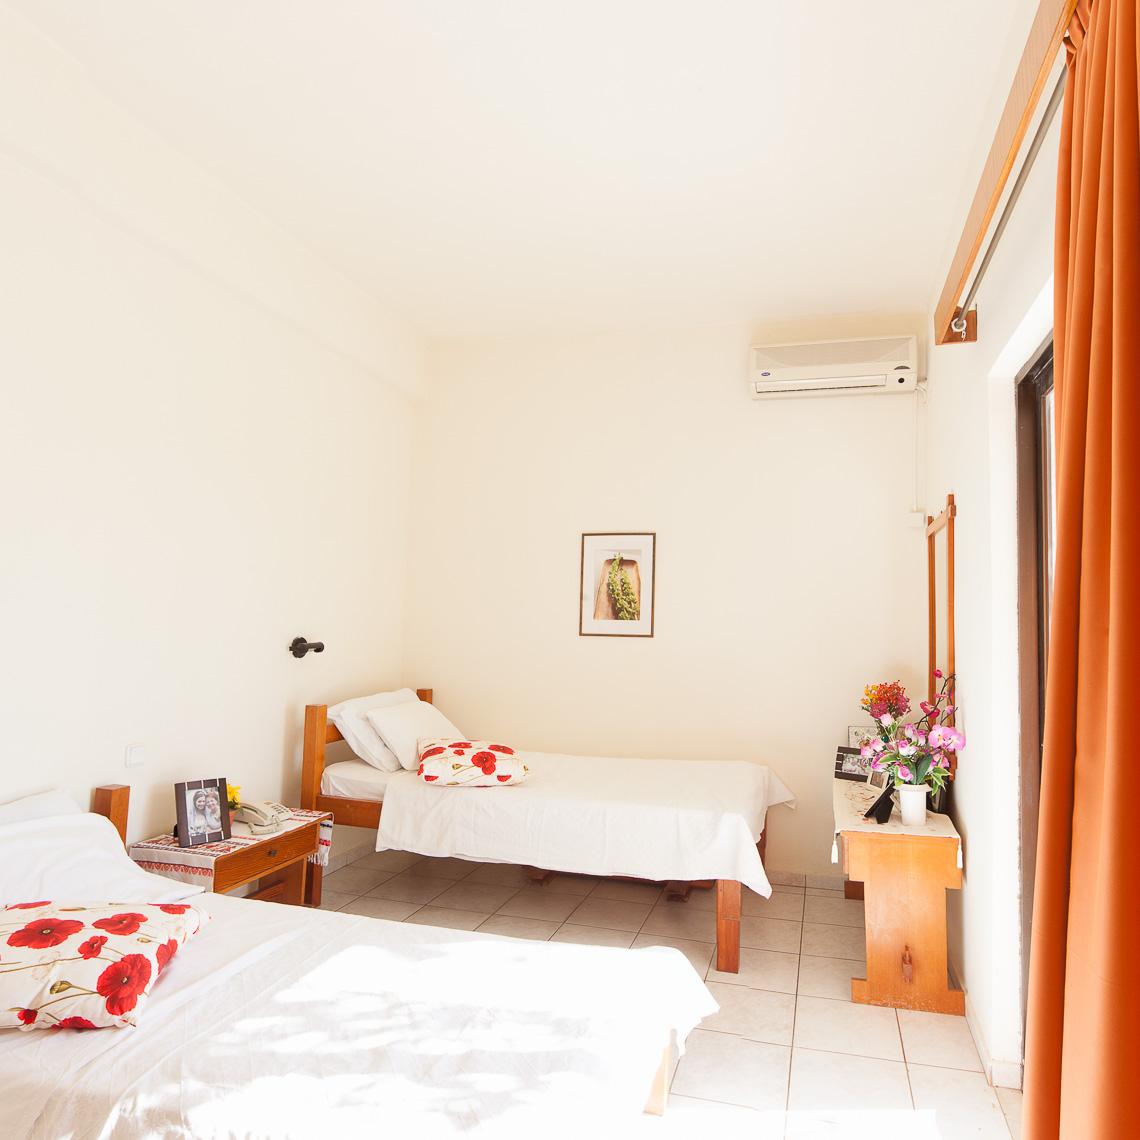 bedroom_Panorama1_original